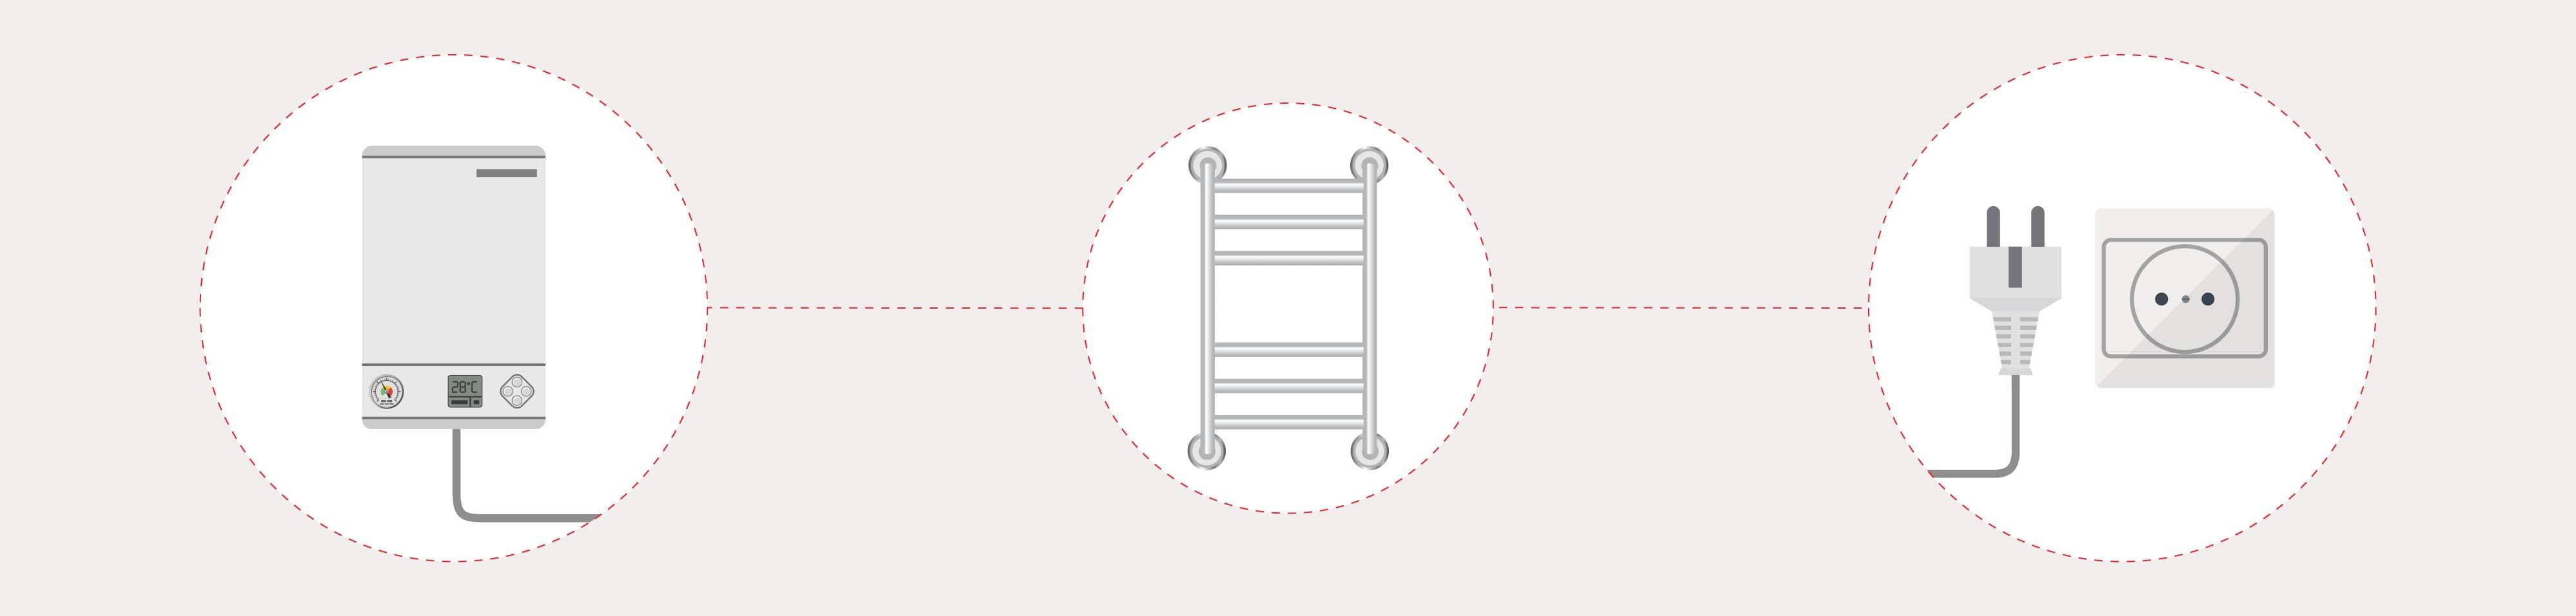 Comment Choisir La Puissance D Un Seche Serviette Electrique choisir son sèche-serviettes